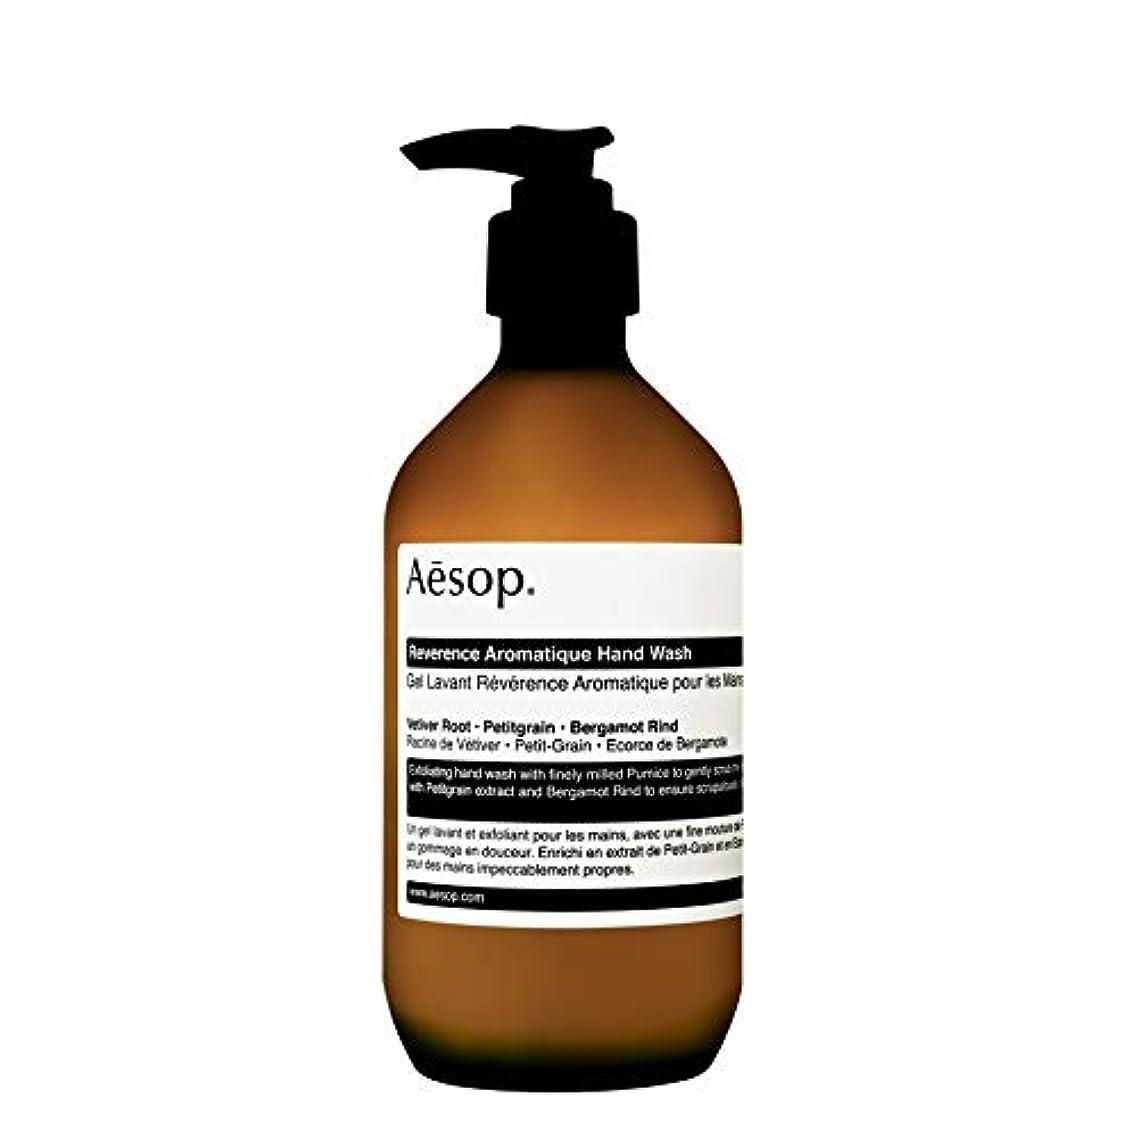 ふつう命令扇動する[Aesop ] イソップの敬意Aromatique手洗いの500ミリリットル - Aesop Reverence Aromatique Hand Wash 500ml [並行輸入品]